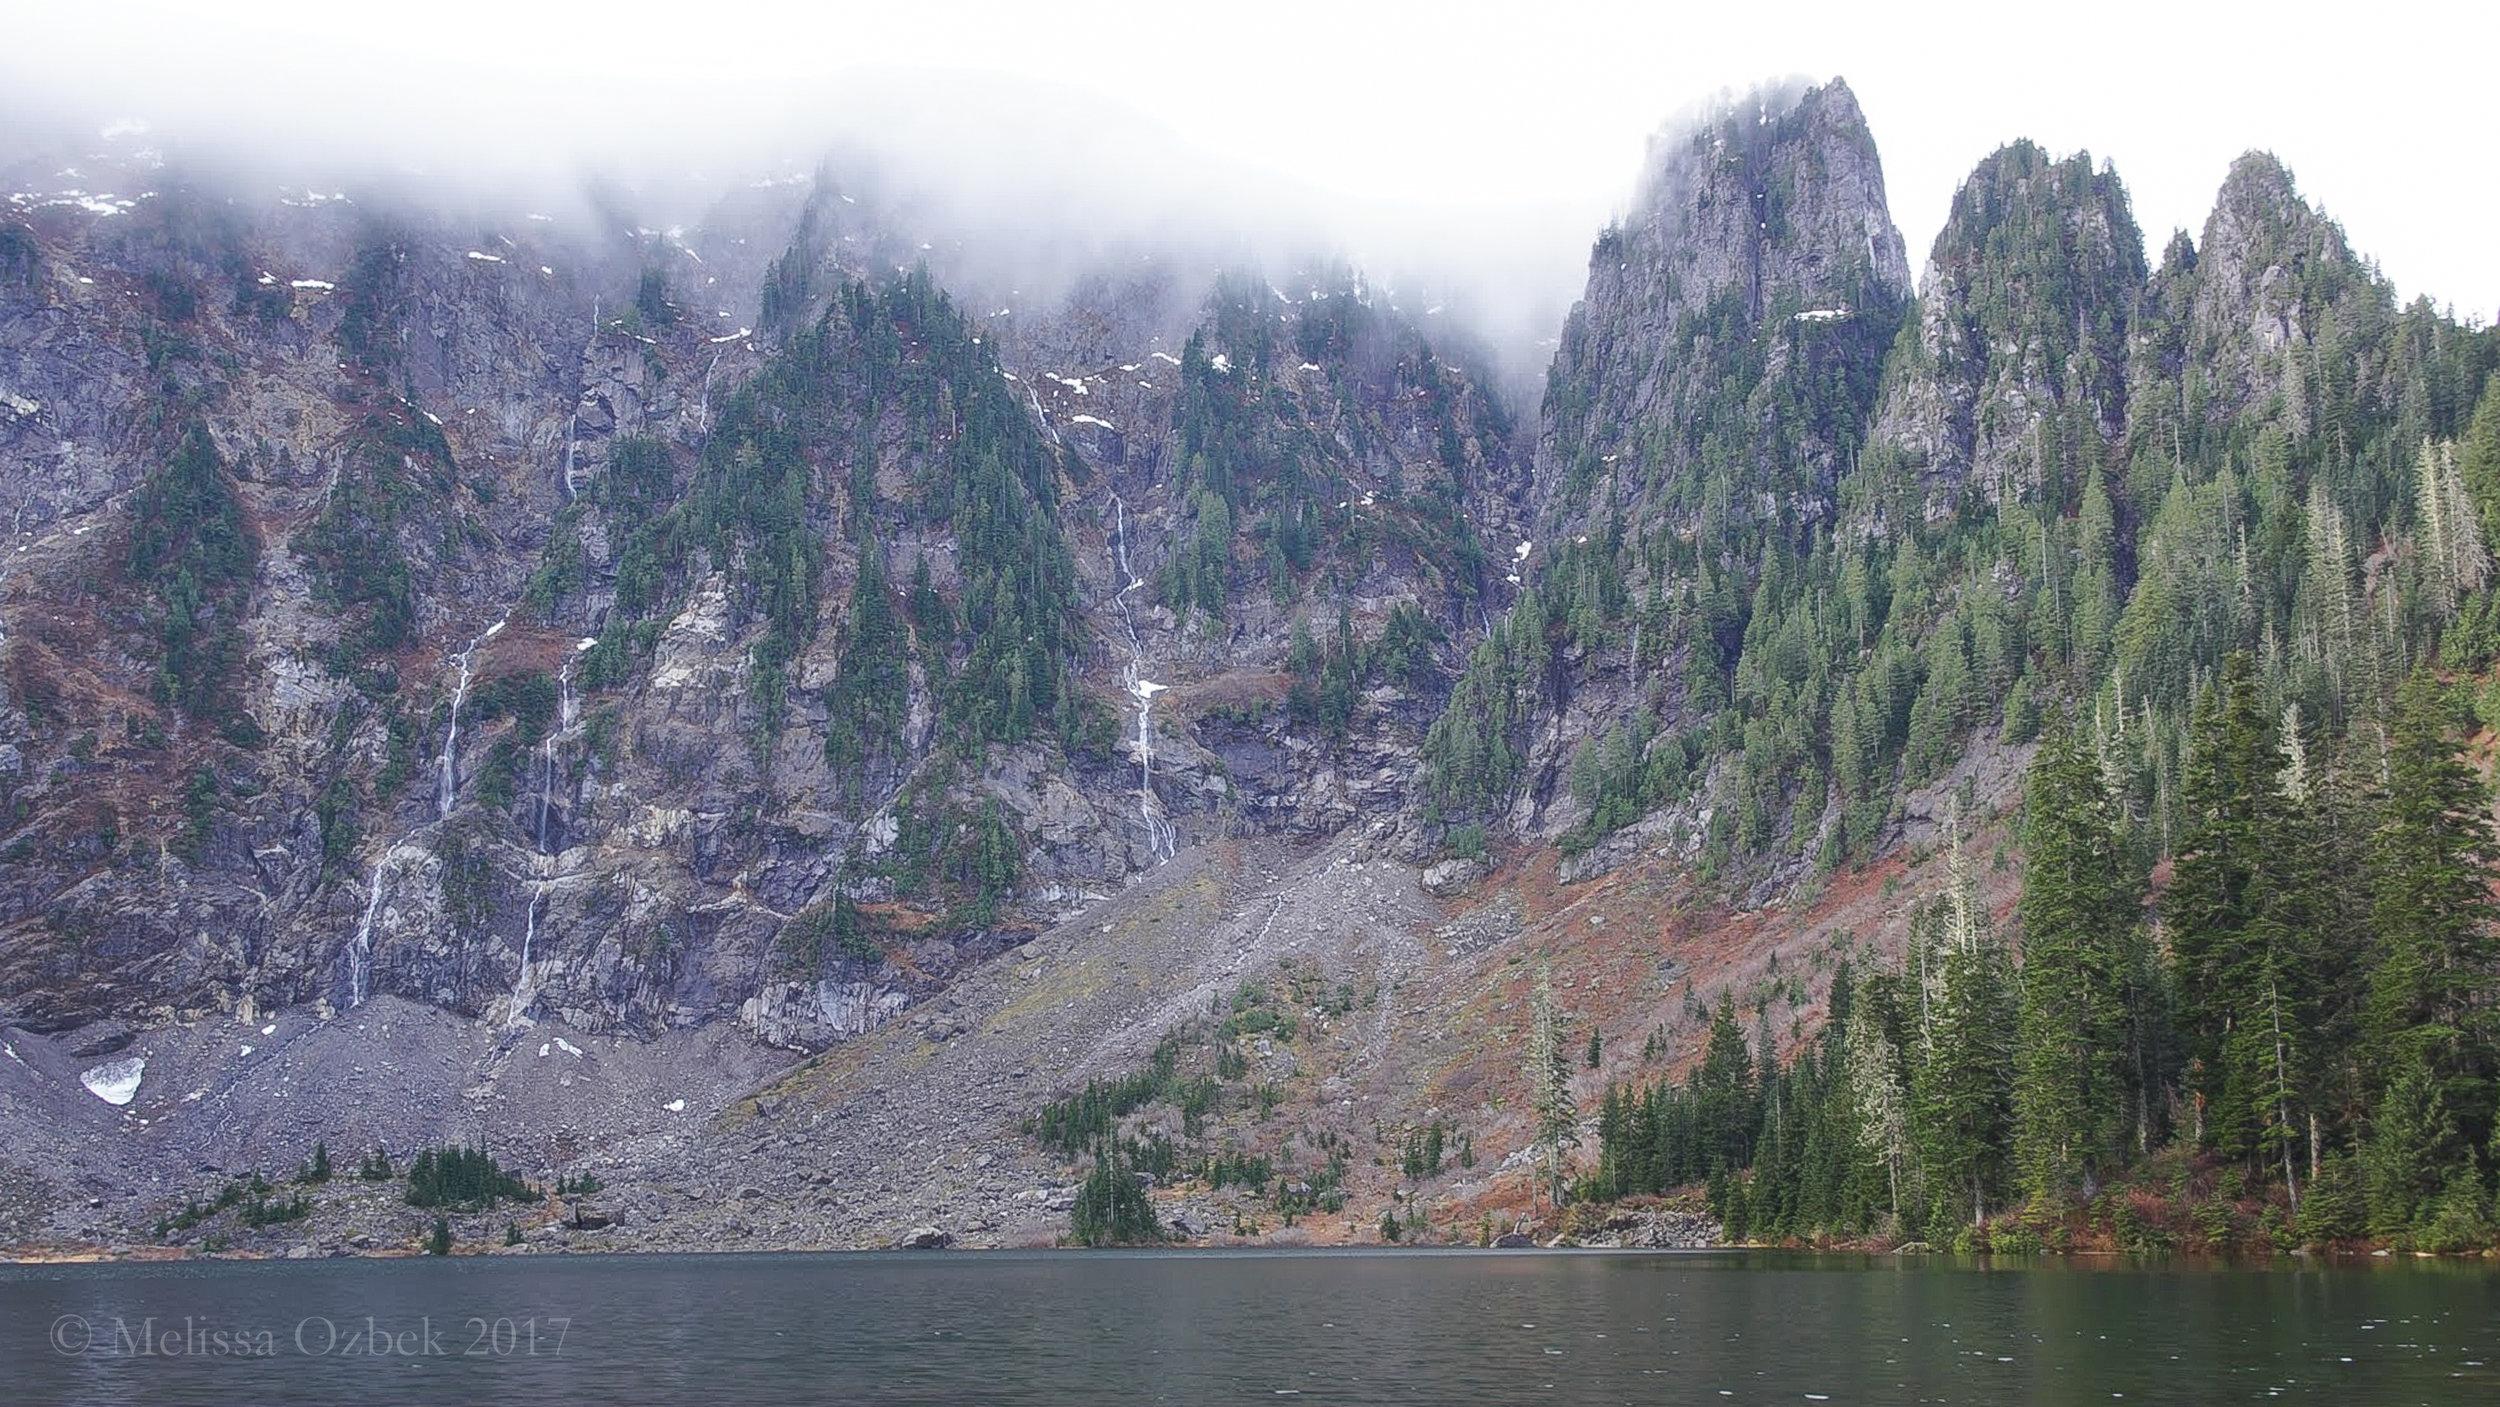 5. Lake TwentyTwo